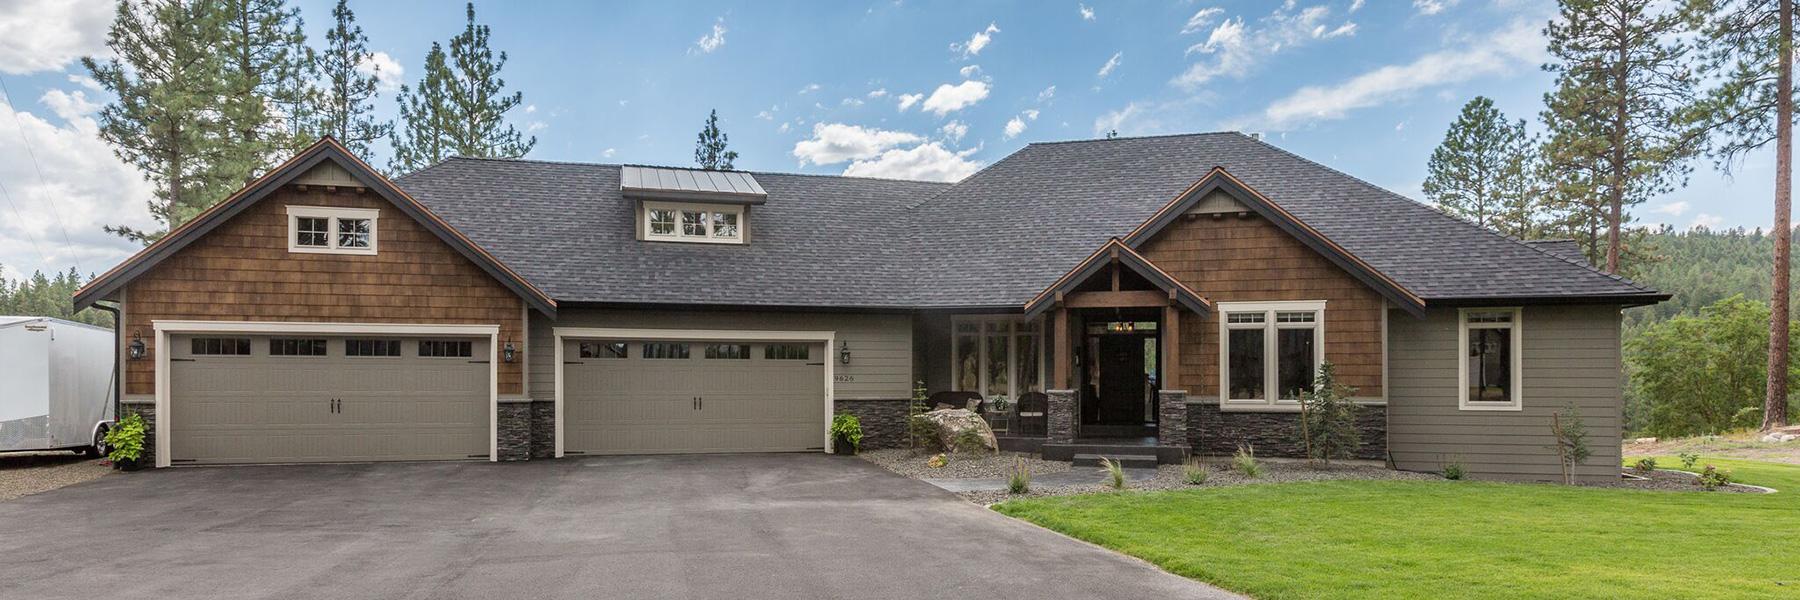 Danny sullivan construction spokane custom homebuilder for Sullivan homes